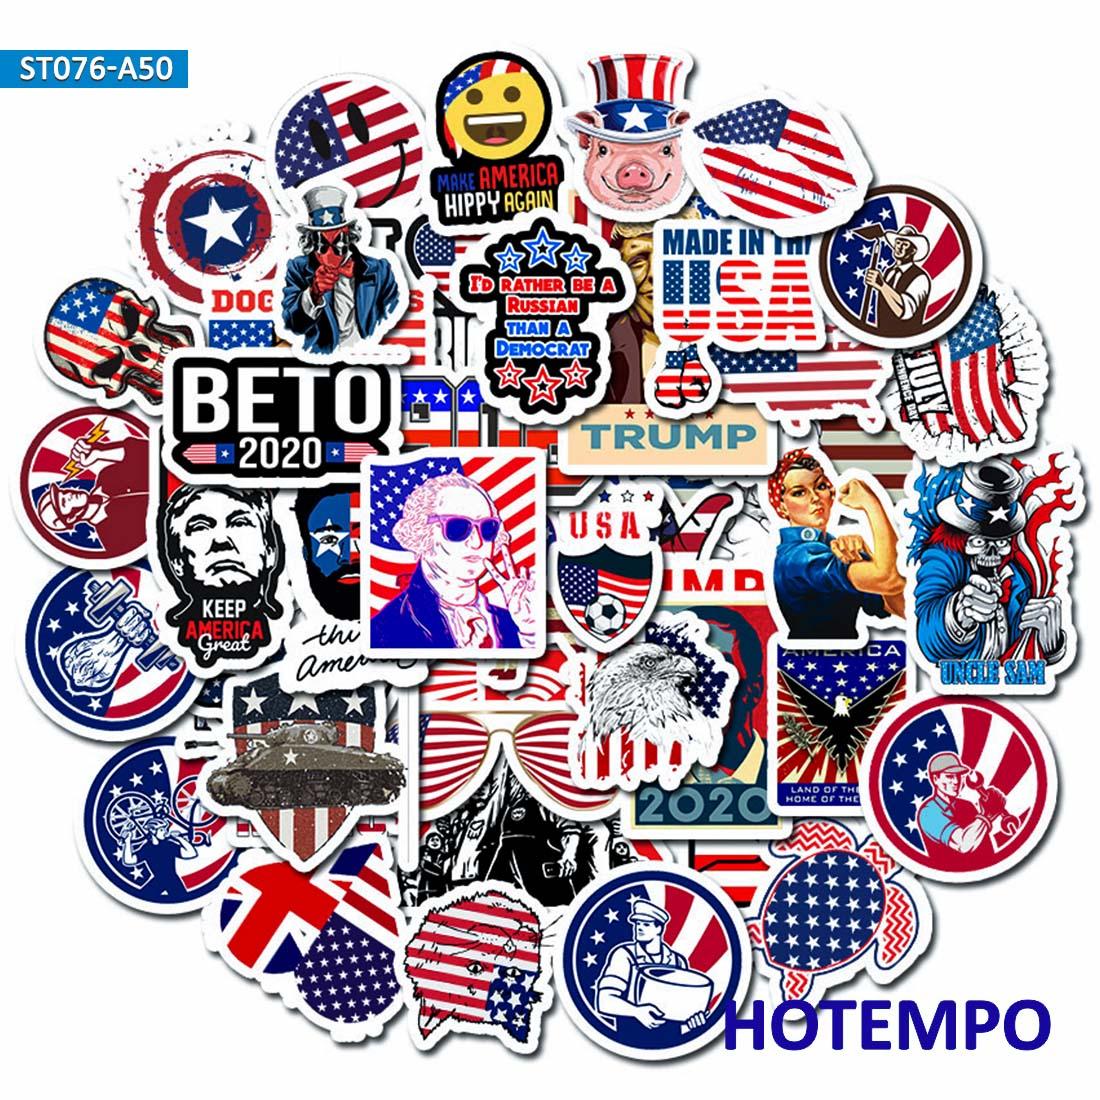 50 шт., забавные наклейки «Американский Трамп» с узором «Президент дух», наклейки для ноутбука, багажа, гитары, чехла, скейтборда, 2020